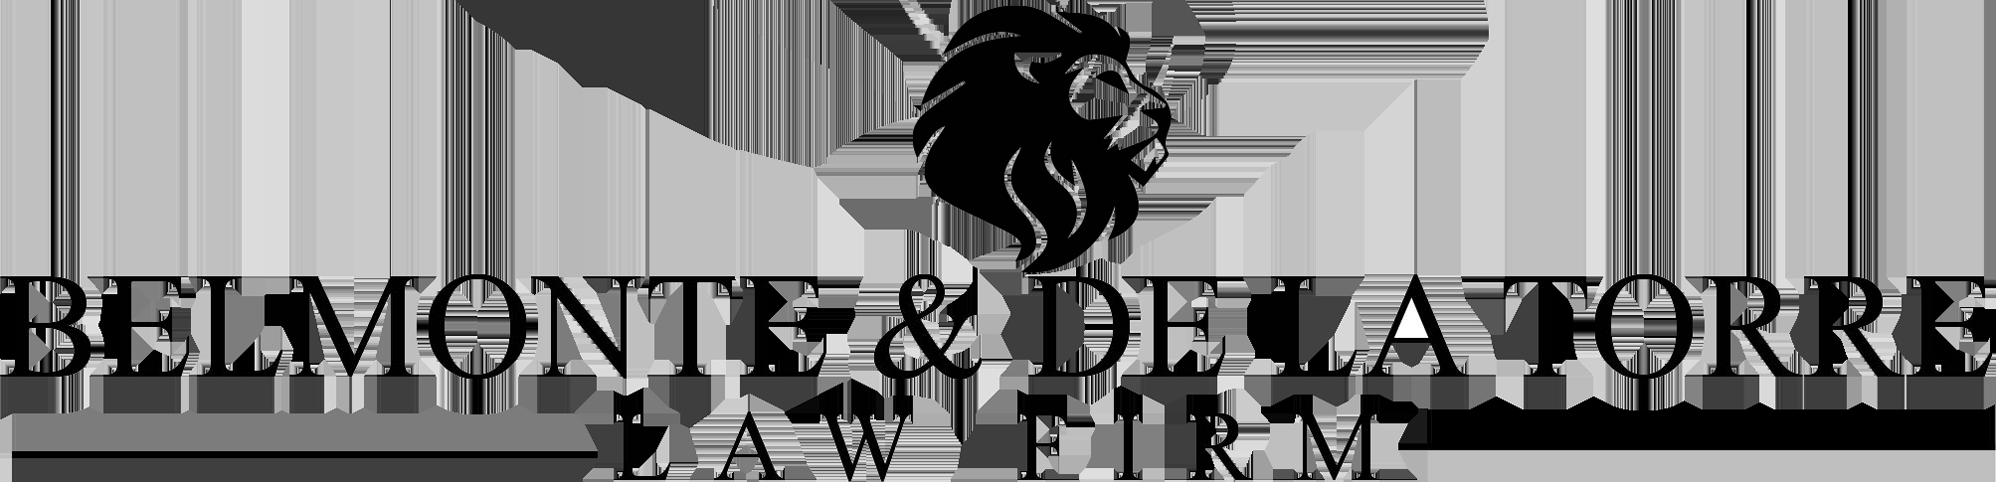 Belmonte & De La Torre Law Firm: Immigration, Auto Accidents, DUI